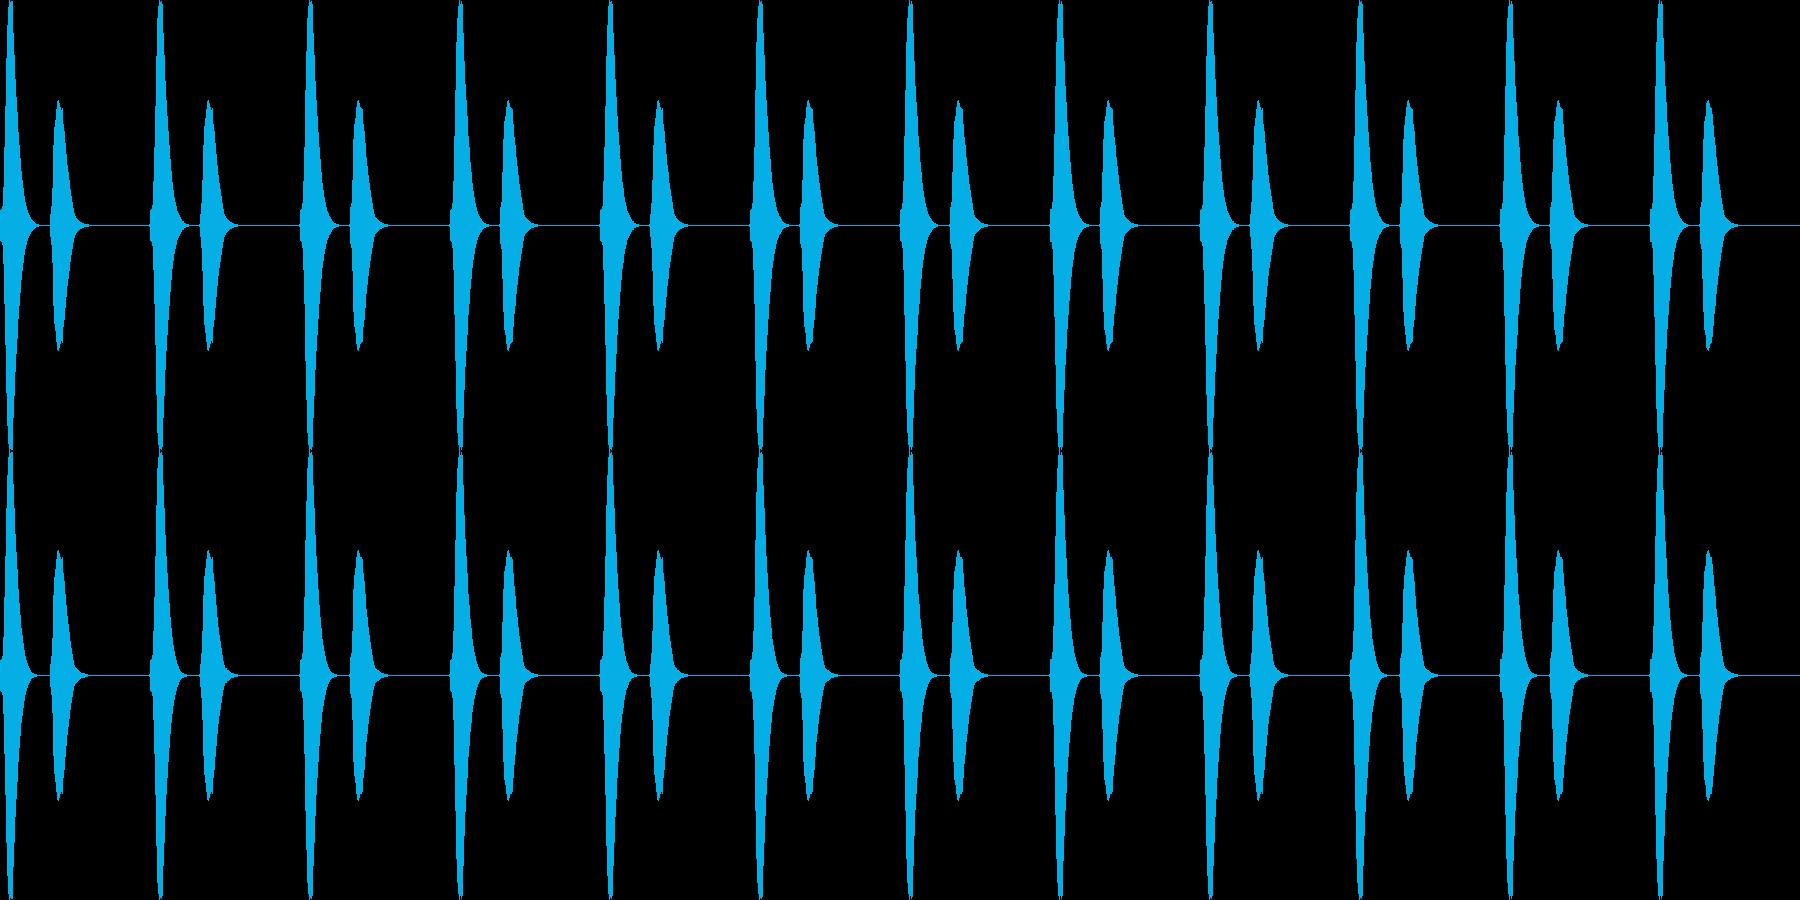 ポッポー...。鳩時計の時報D(低・長)の再生済みの波形